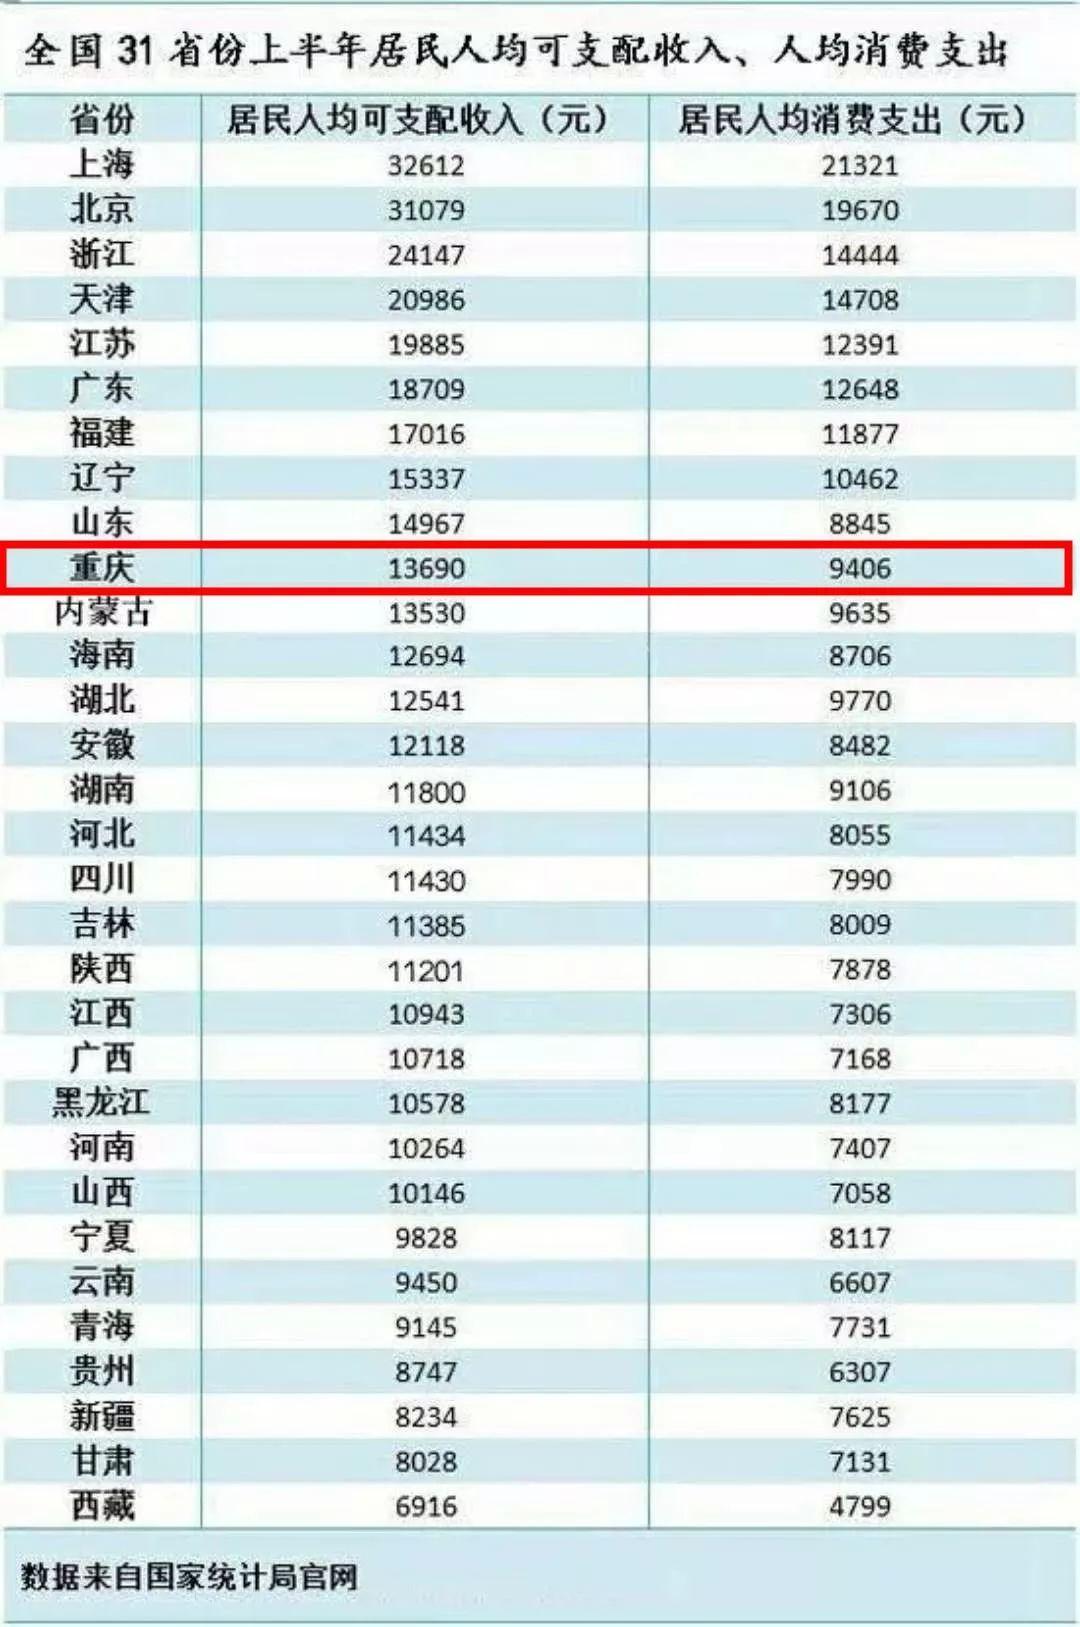 重庆人均可支配收入_人均可支配收入